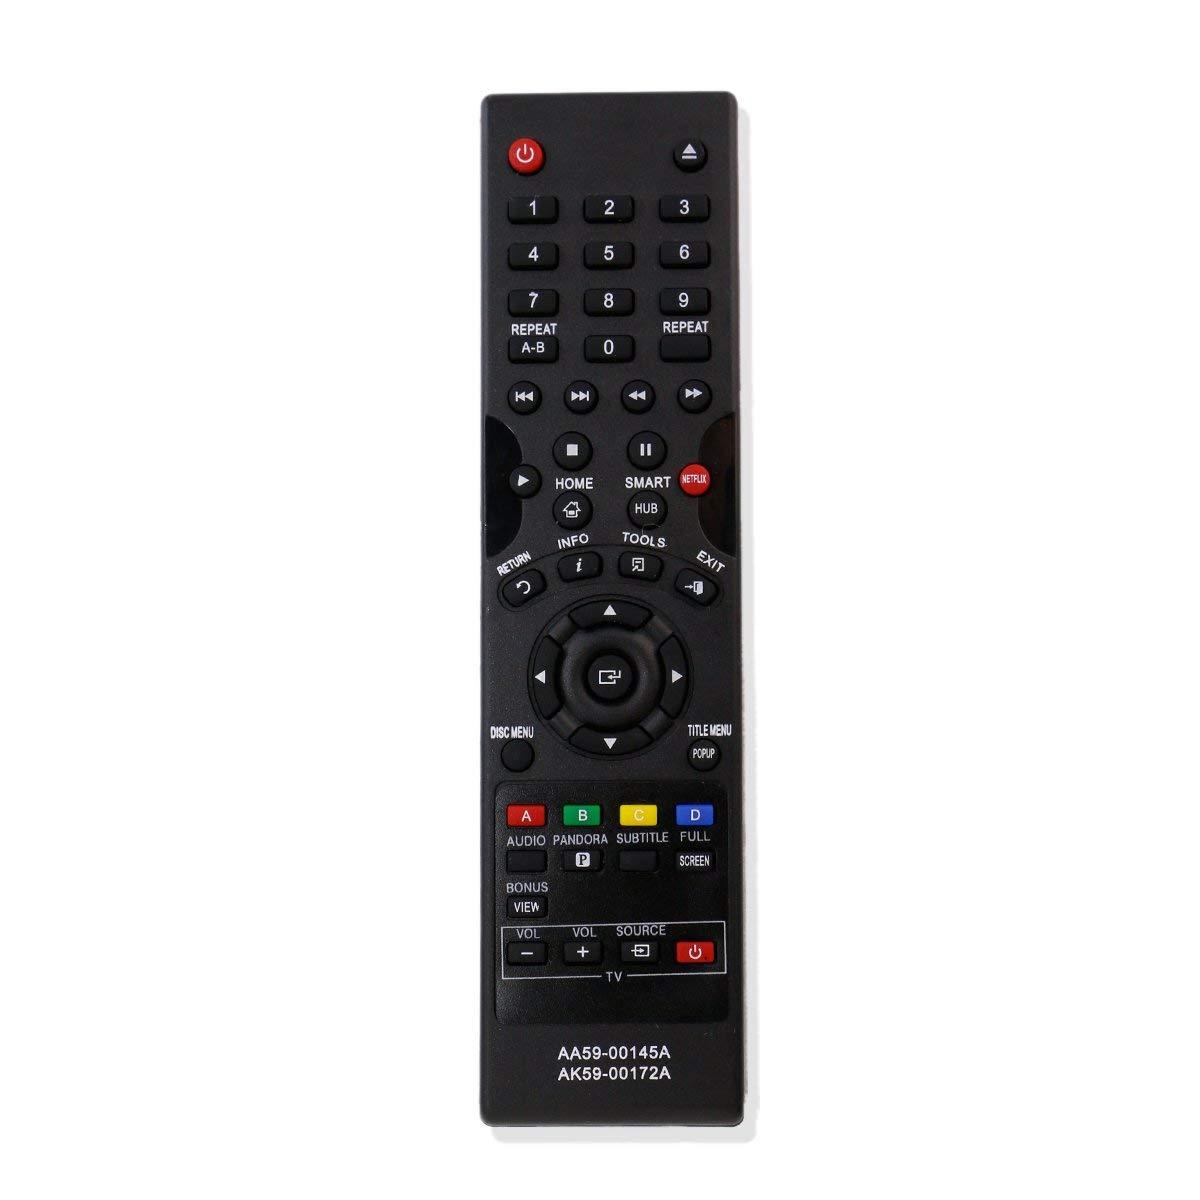 ZdalaMit AA59-00145A AK59-00172A Replacement Remote Fit For Samsung BD Blu-Ray Disc DVD Player BDF5700 BD-P1400 BD-P2500 BD-E5700 BD-E5900 BD-EM57 BD-EM57C BD-EM59 BD-EM59C BD-ES6000